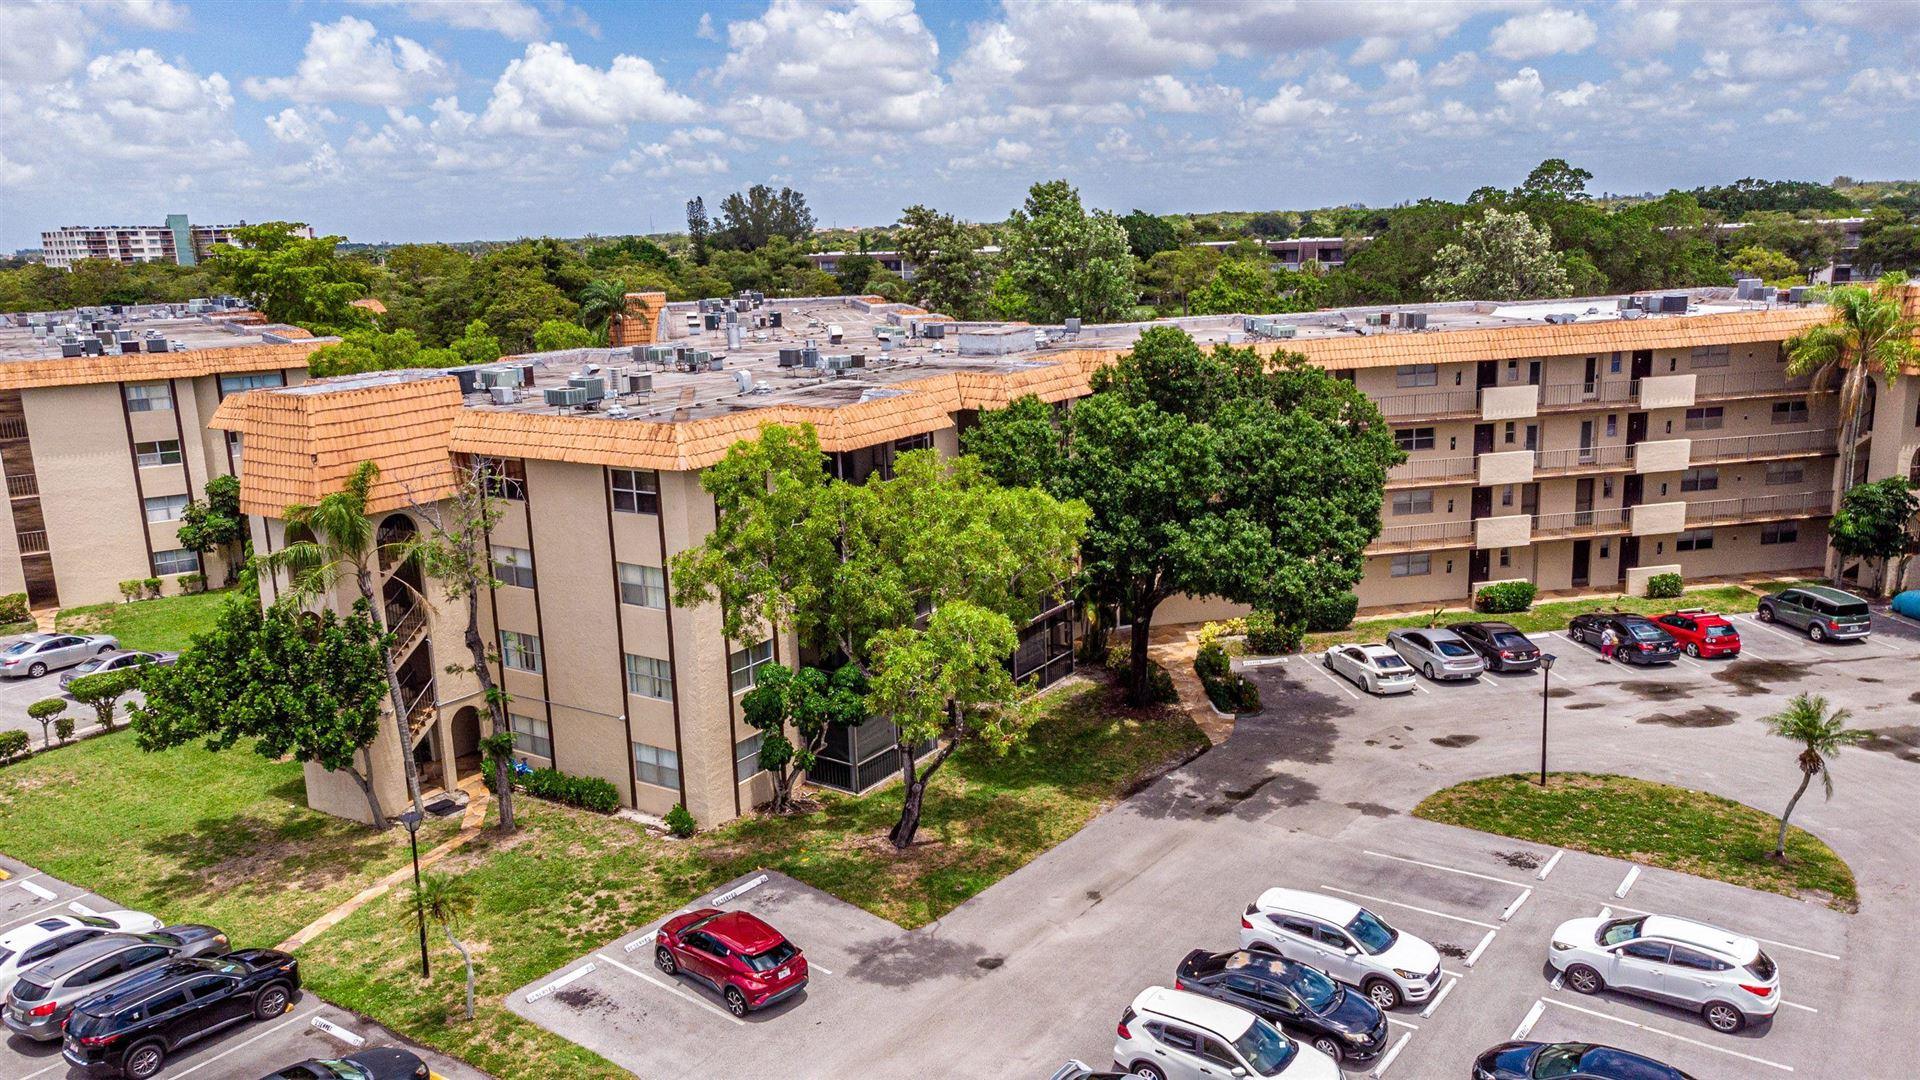 Photo of 6101 N Falls Cir Drive #204, Lauderhill, FL 33319 (MLS # RX-10732529)